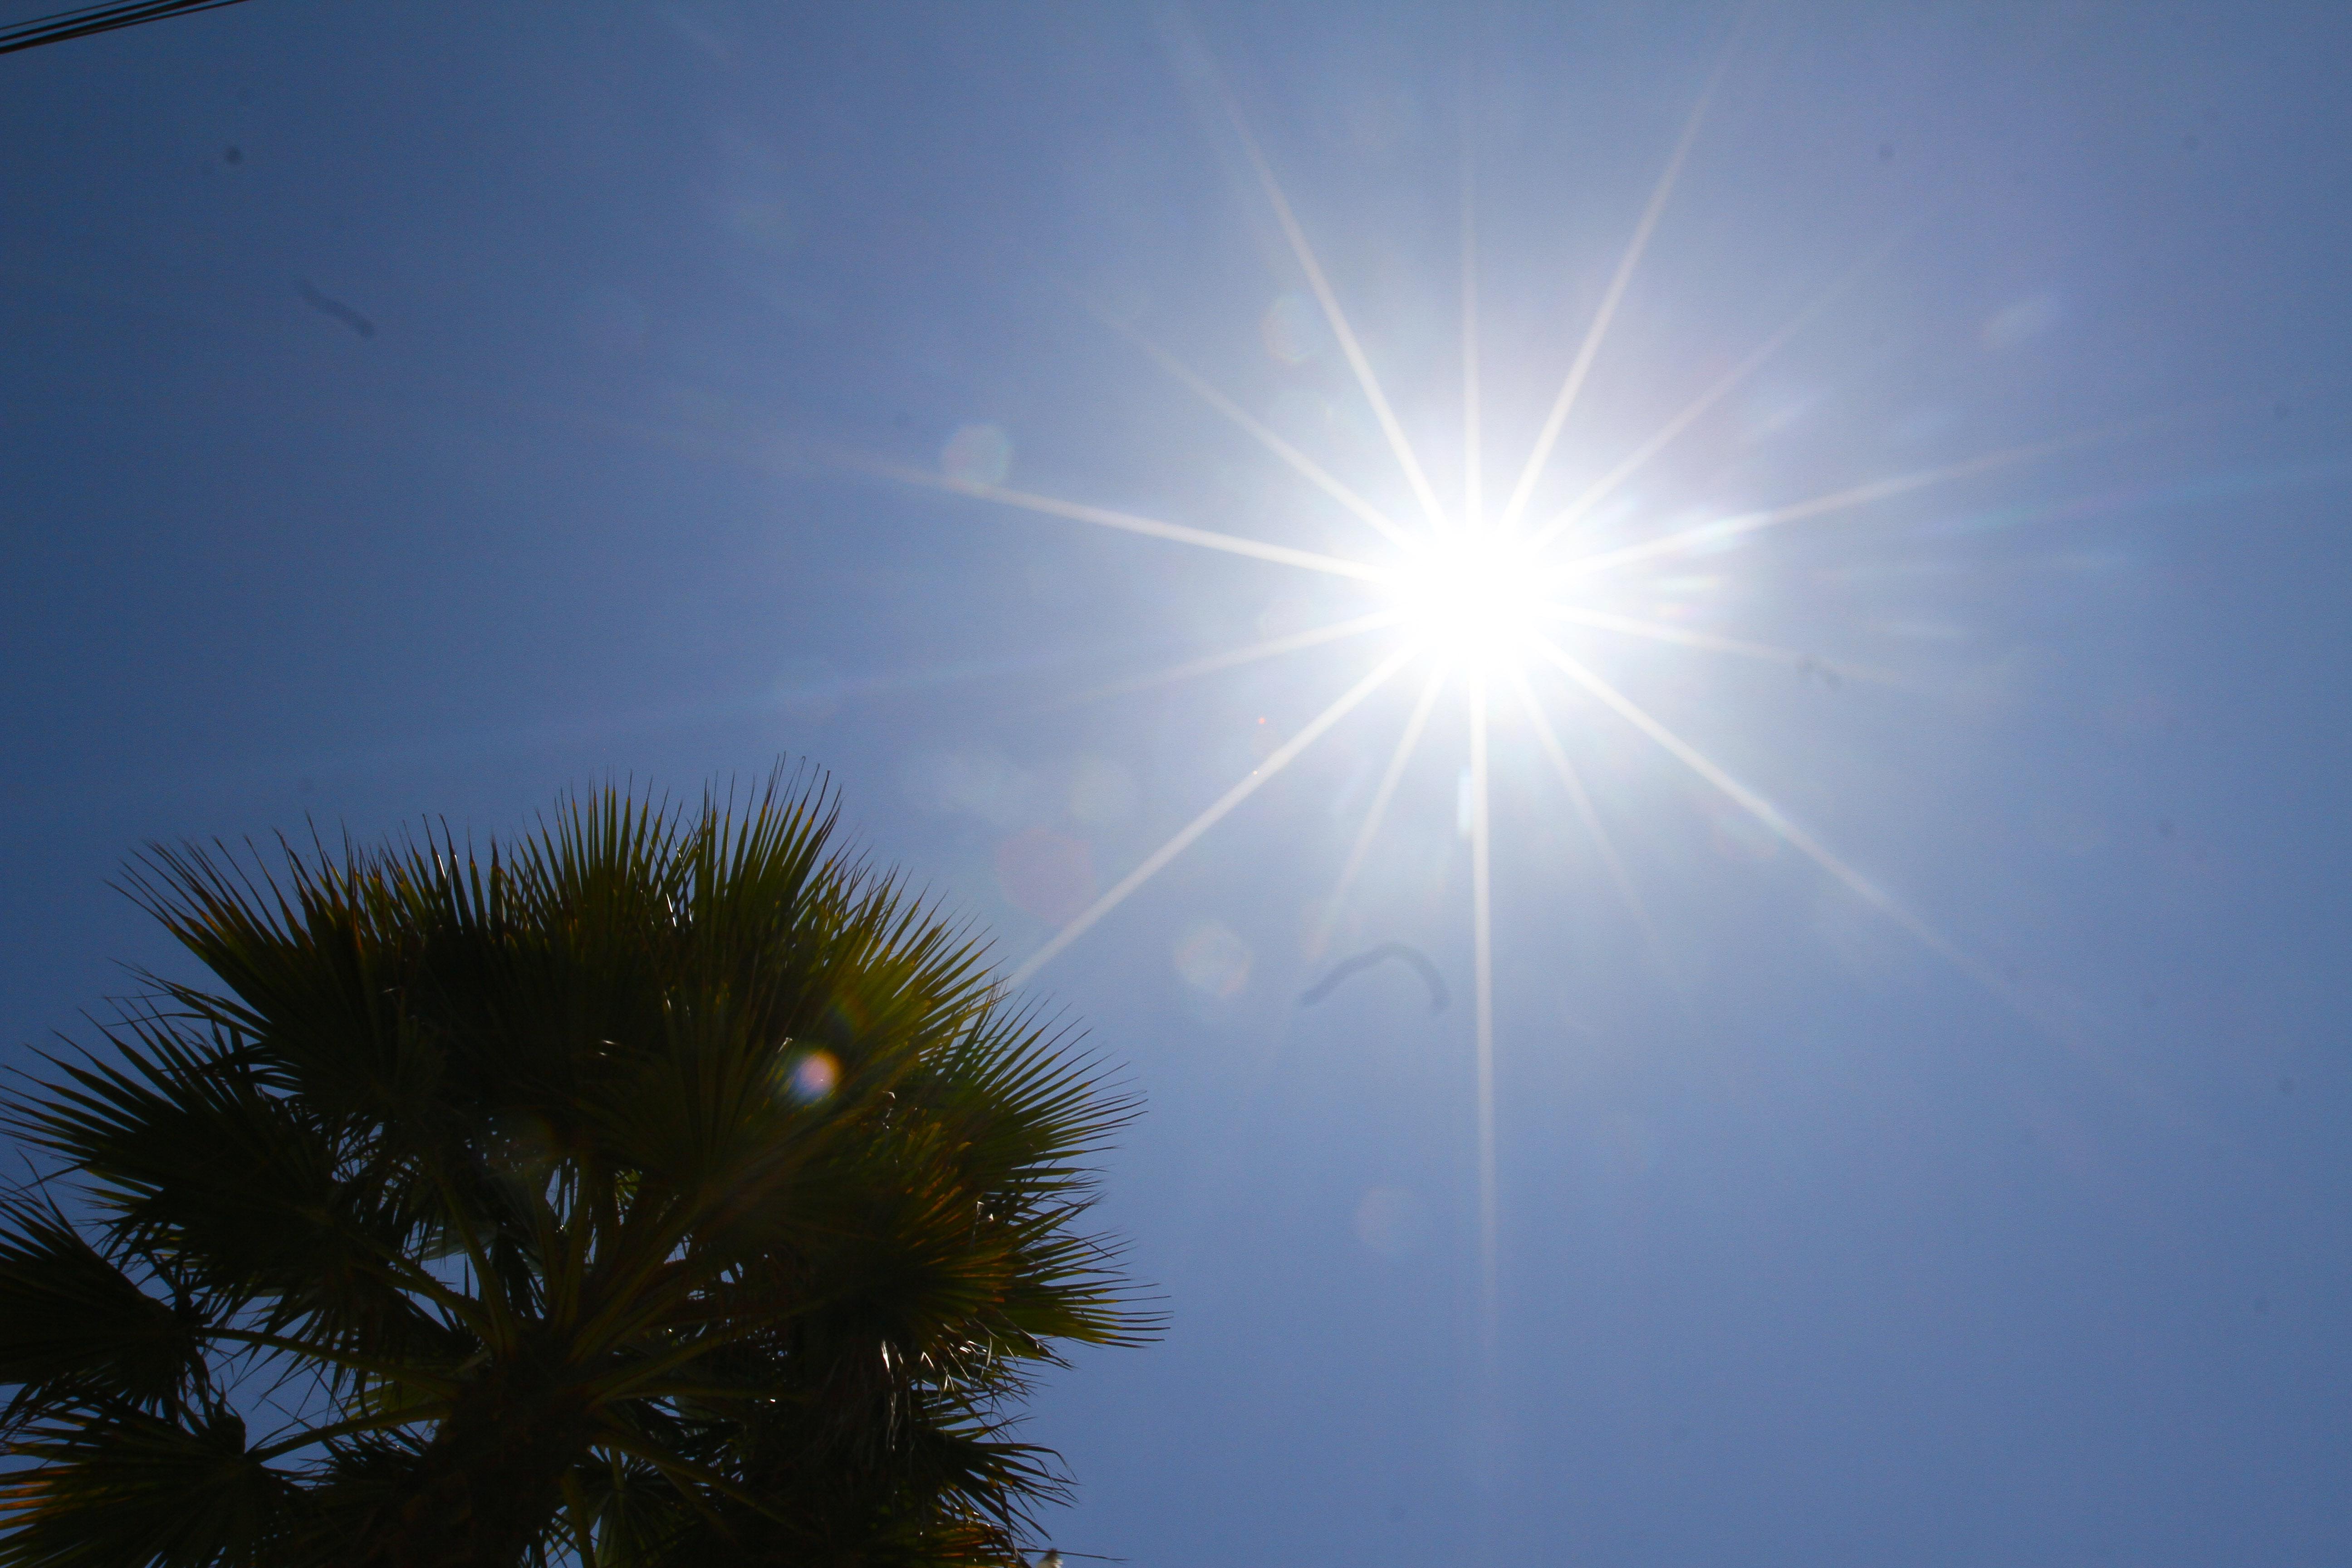 Peak de altas temperaturas se vivirá este martes en la zona central